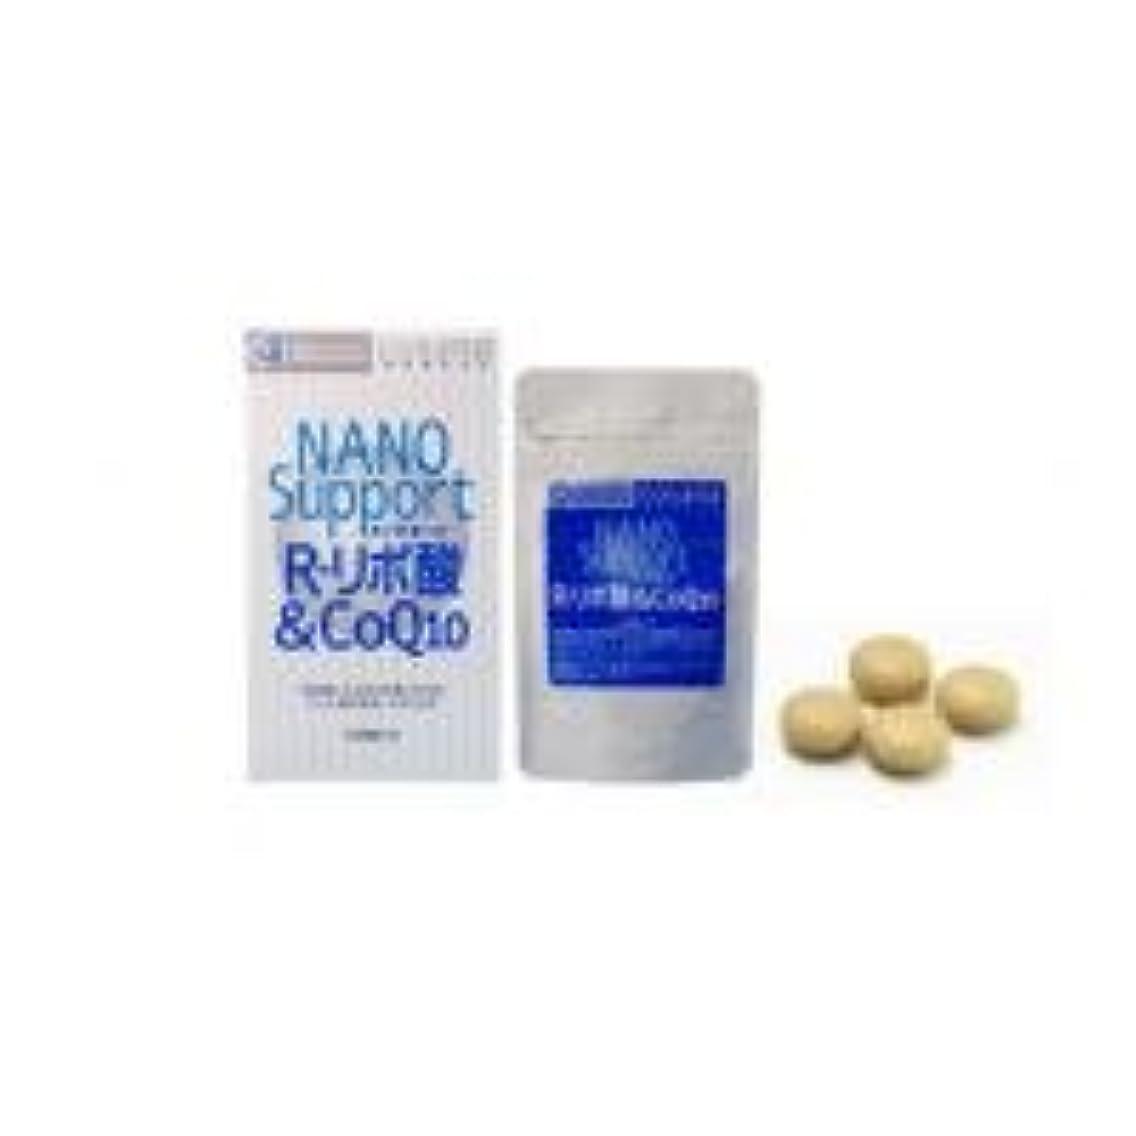 危険貸す二度ナノサポートR-リポ酸&CoQ10